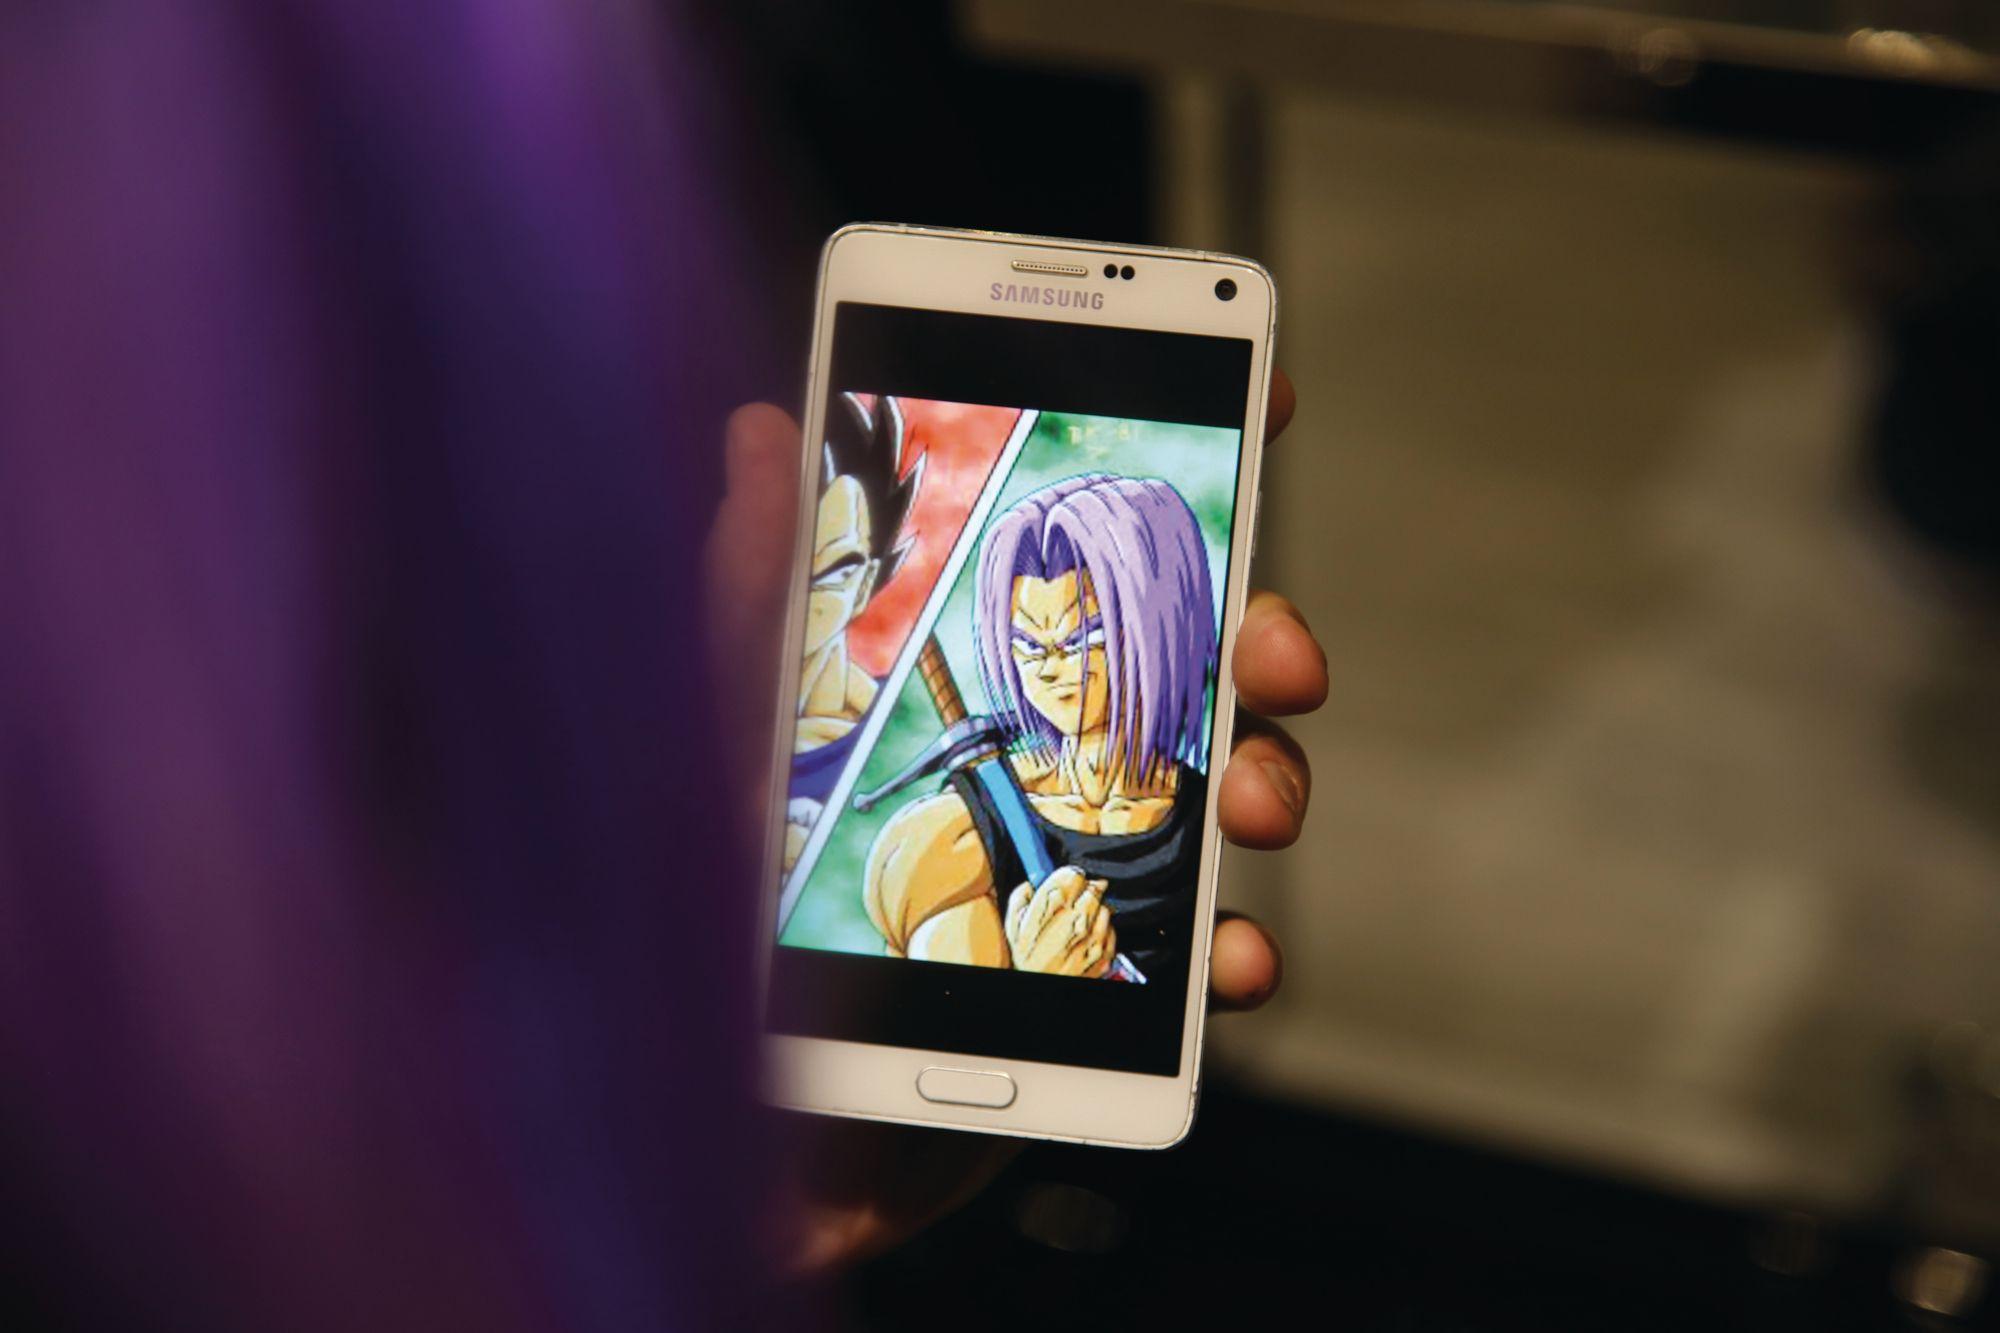 《七龍珠》漫畫和動漫系列有部分受到《醉拳》的啟發 (Photo: Getty Images)